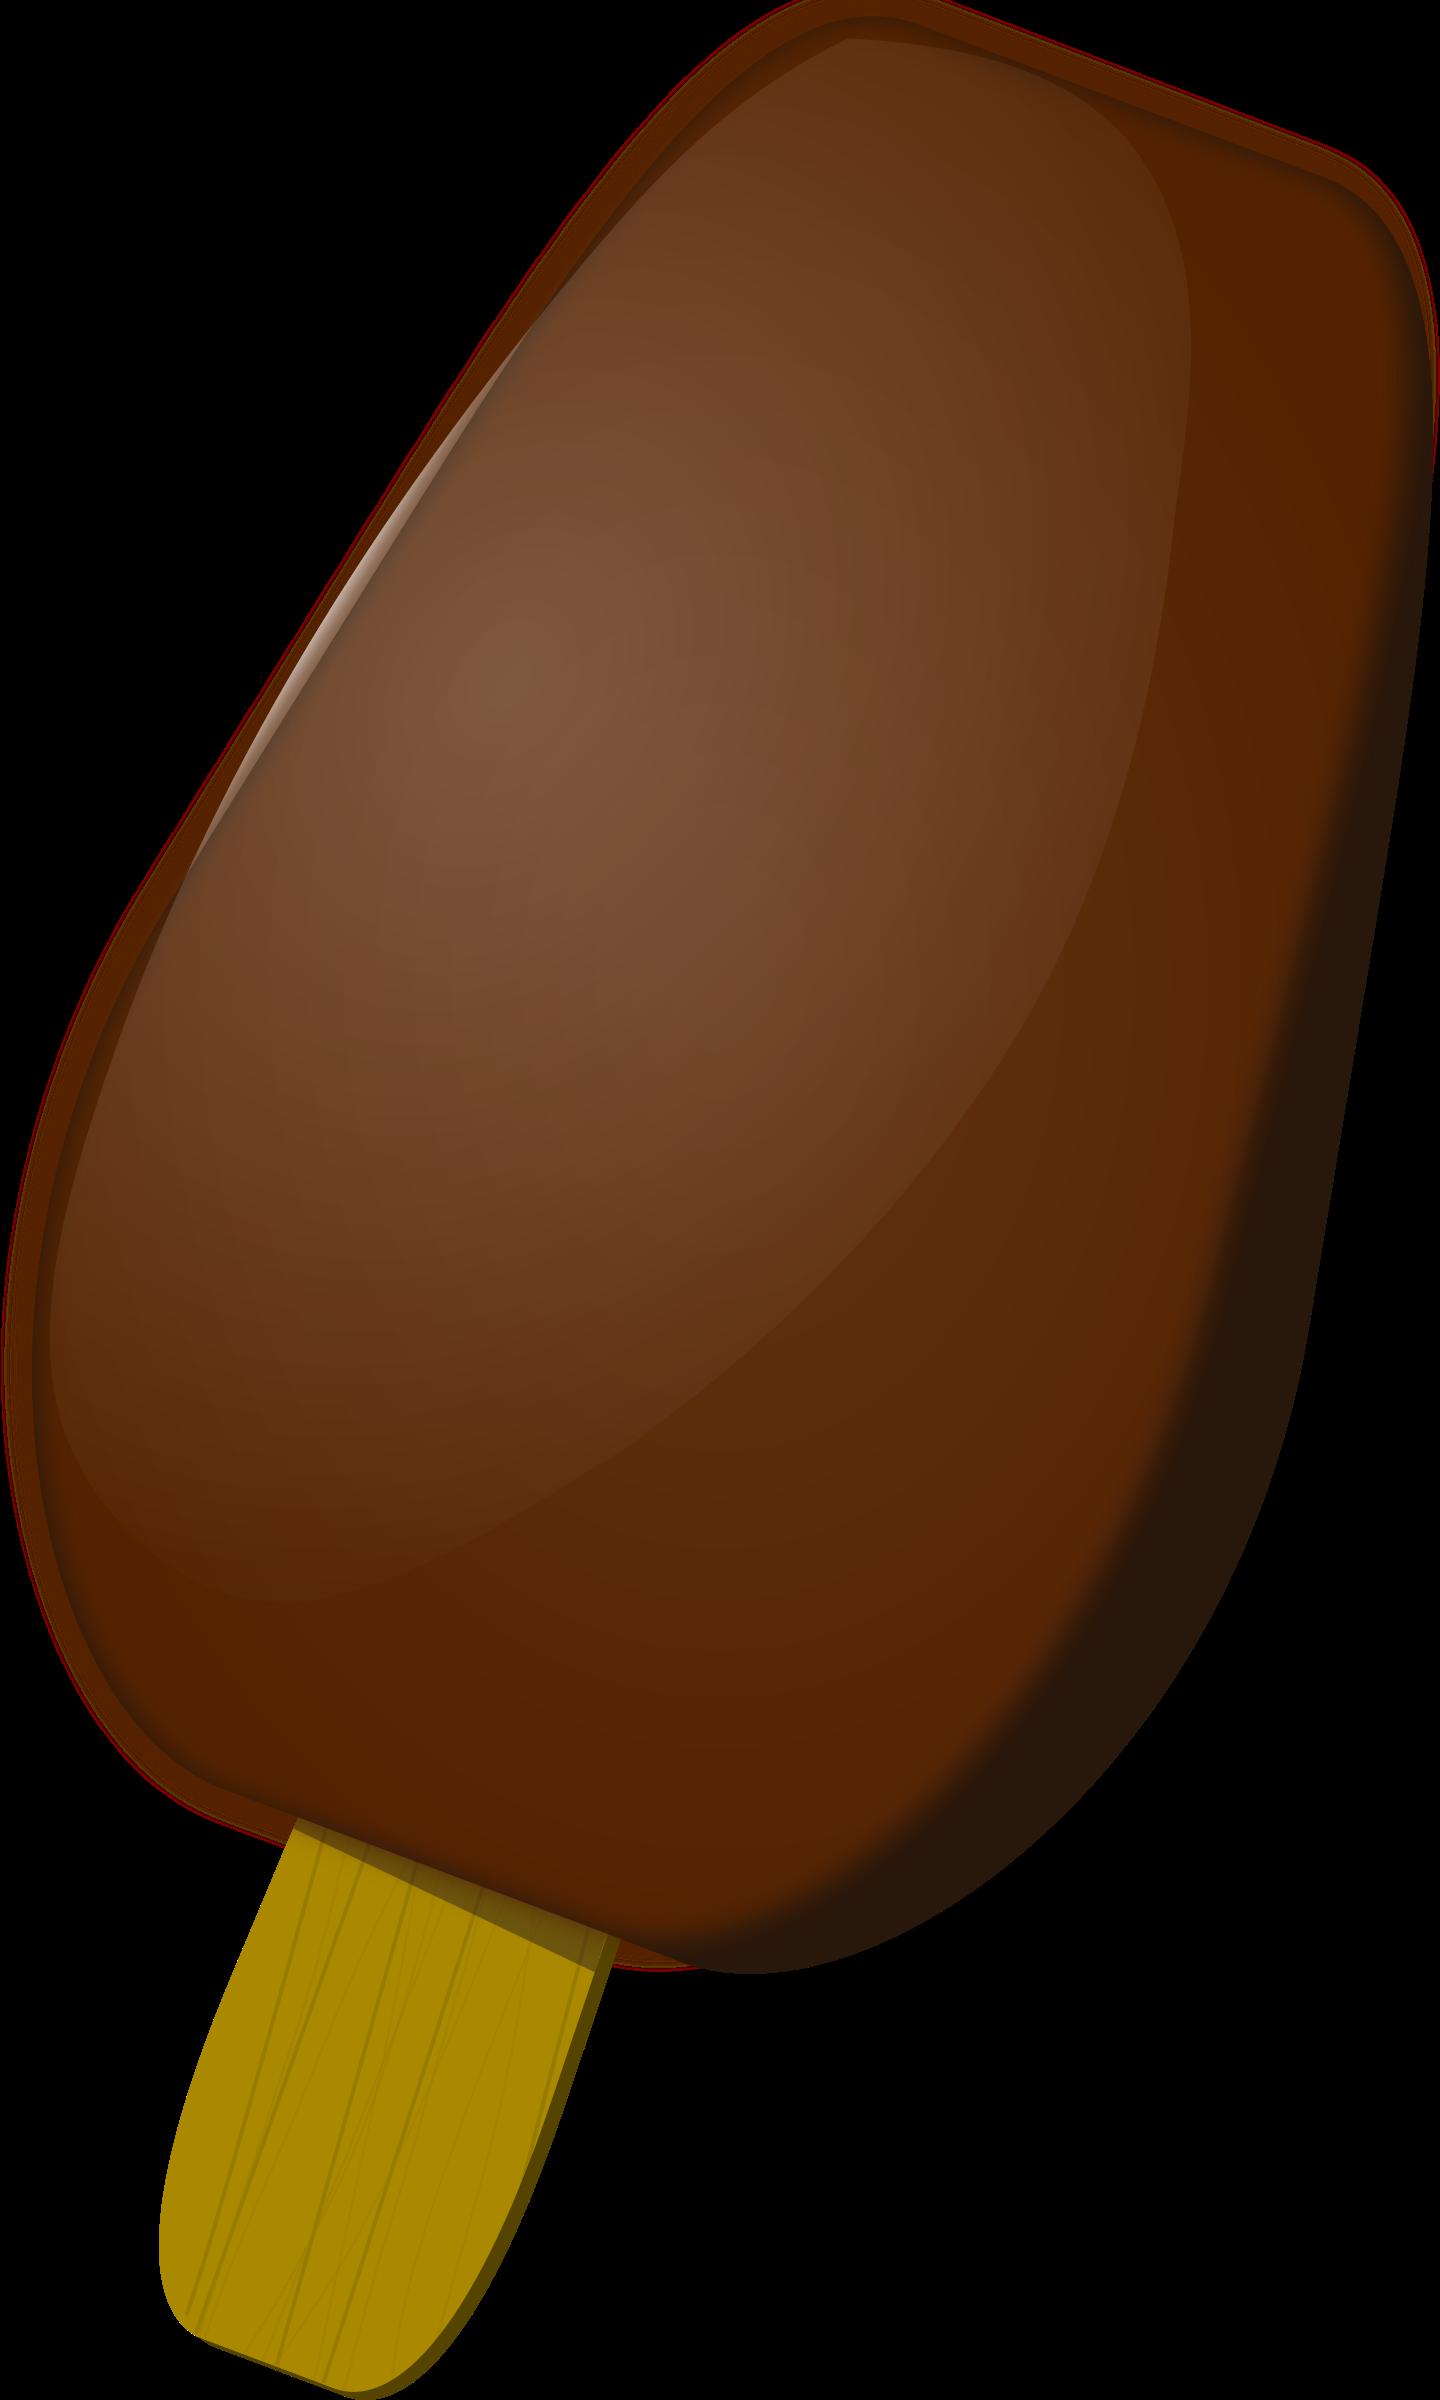 Ice cream ledas food. Foods clipart chocolate